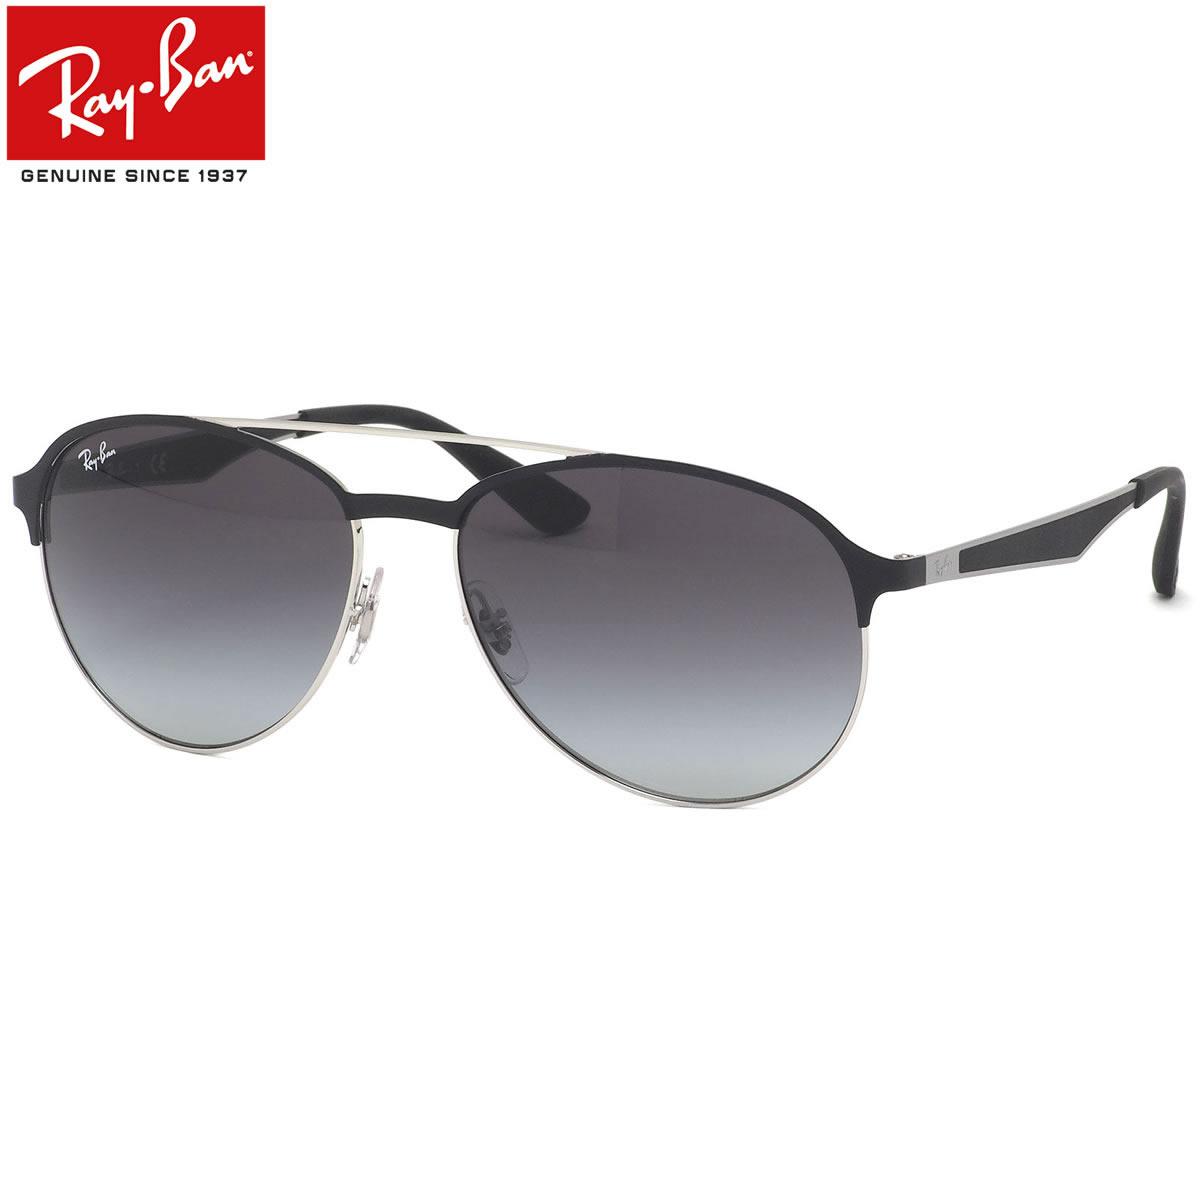 Ray-Ban レイバン サングラス RB3606 90918G 59サイズ ツーブリッジ ダブルブリッジ パイロット アビエーター シルバー マットブラック グラデーションレンズ グレー かっこいい おしゃれ メンズ レディース